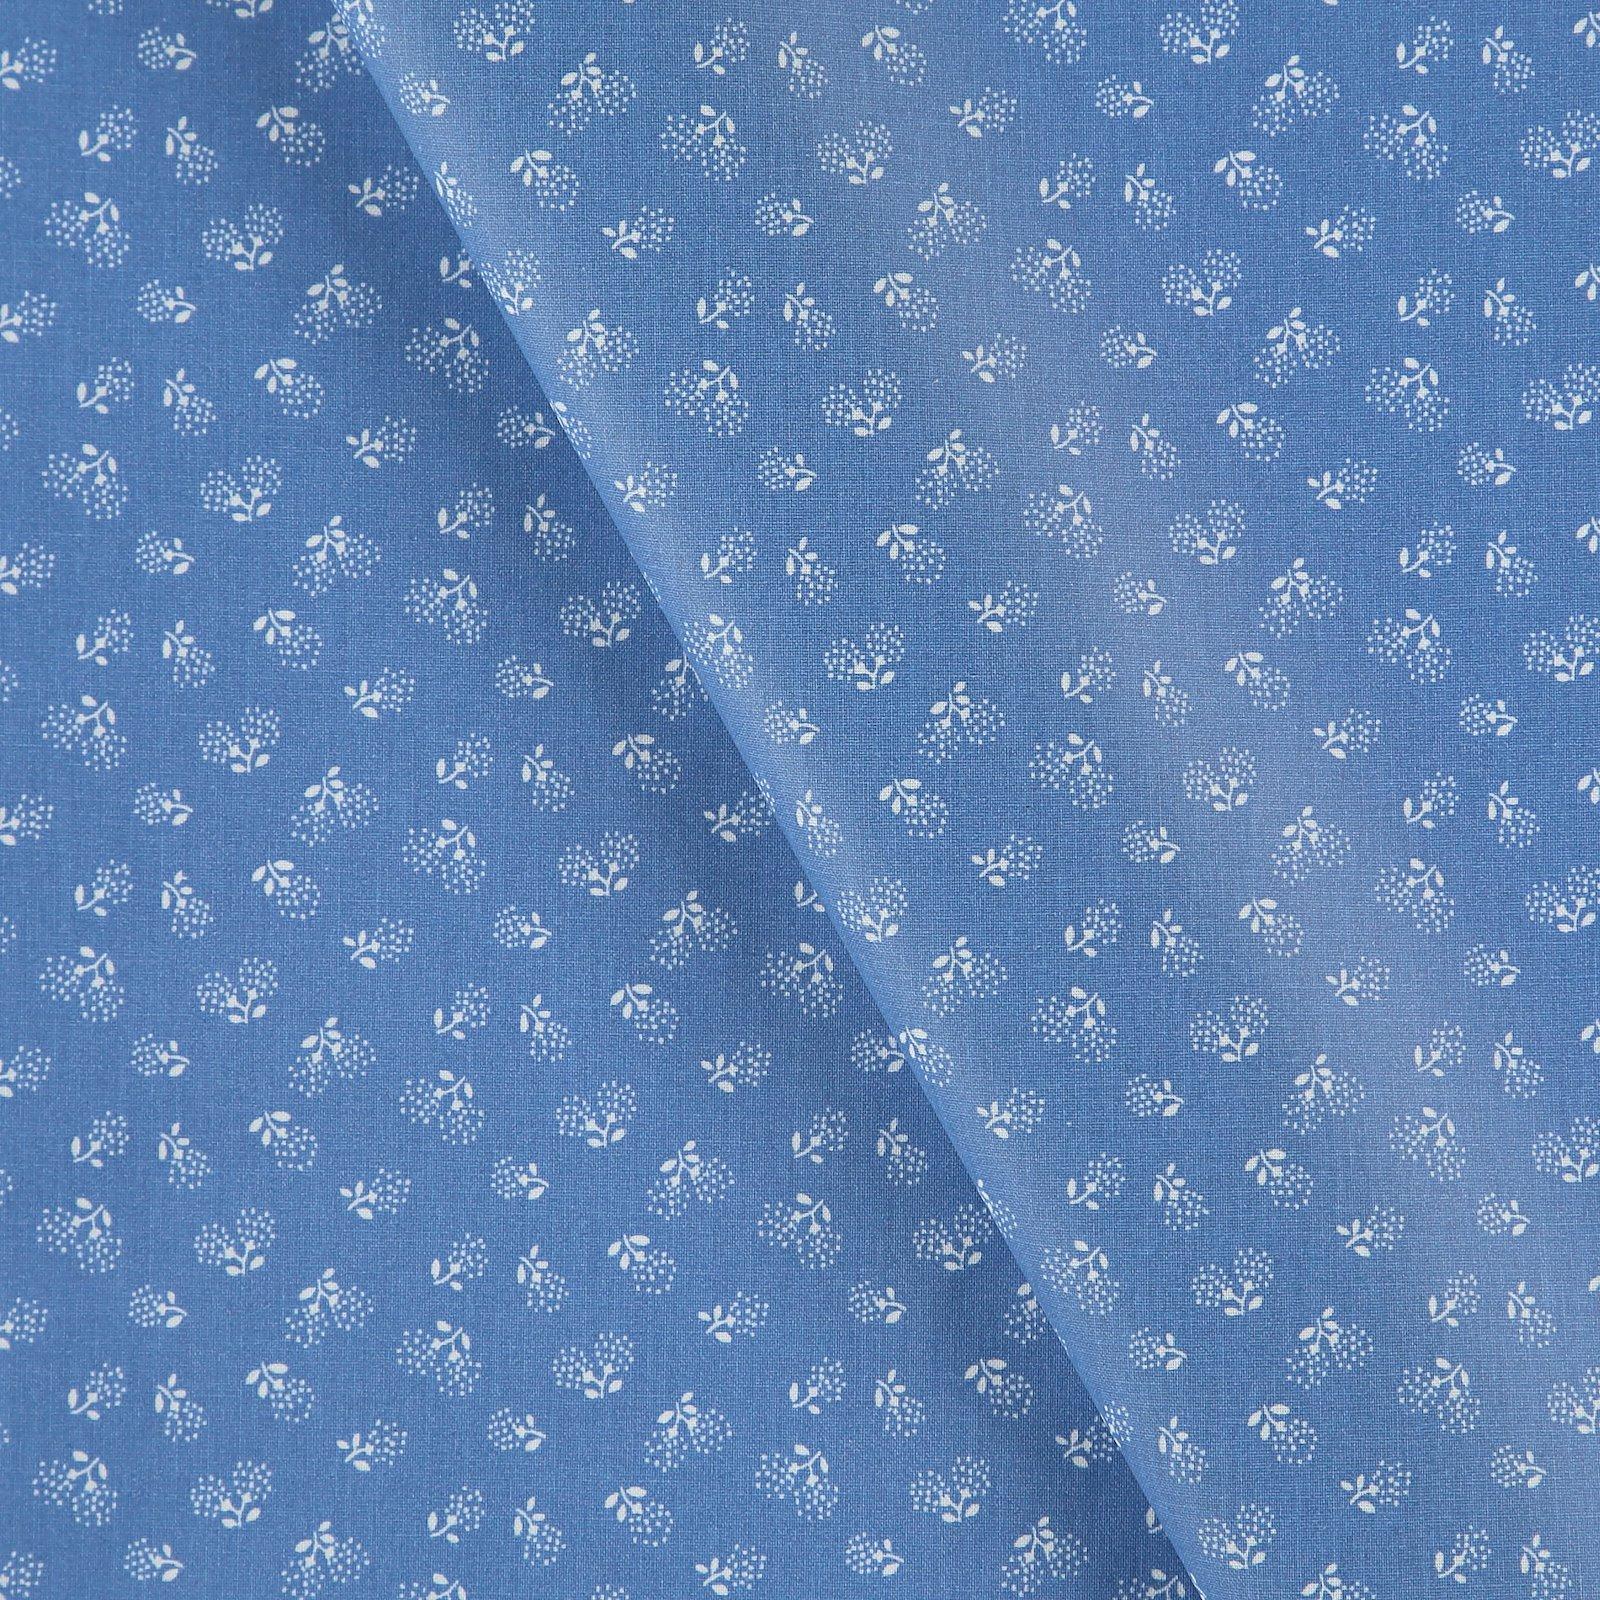 Woven oil cloth cobolt blue w flower